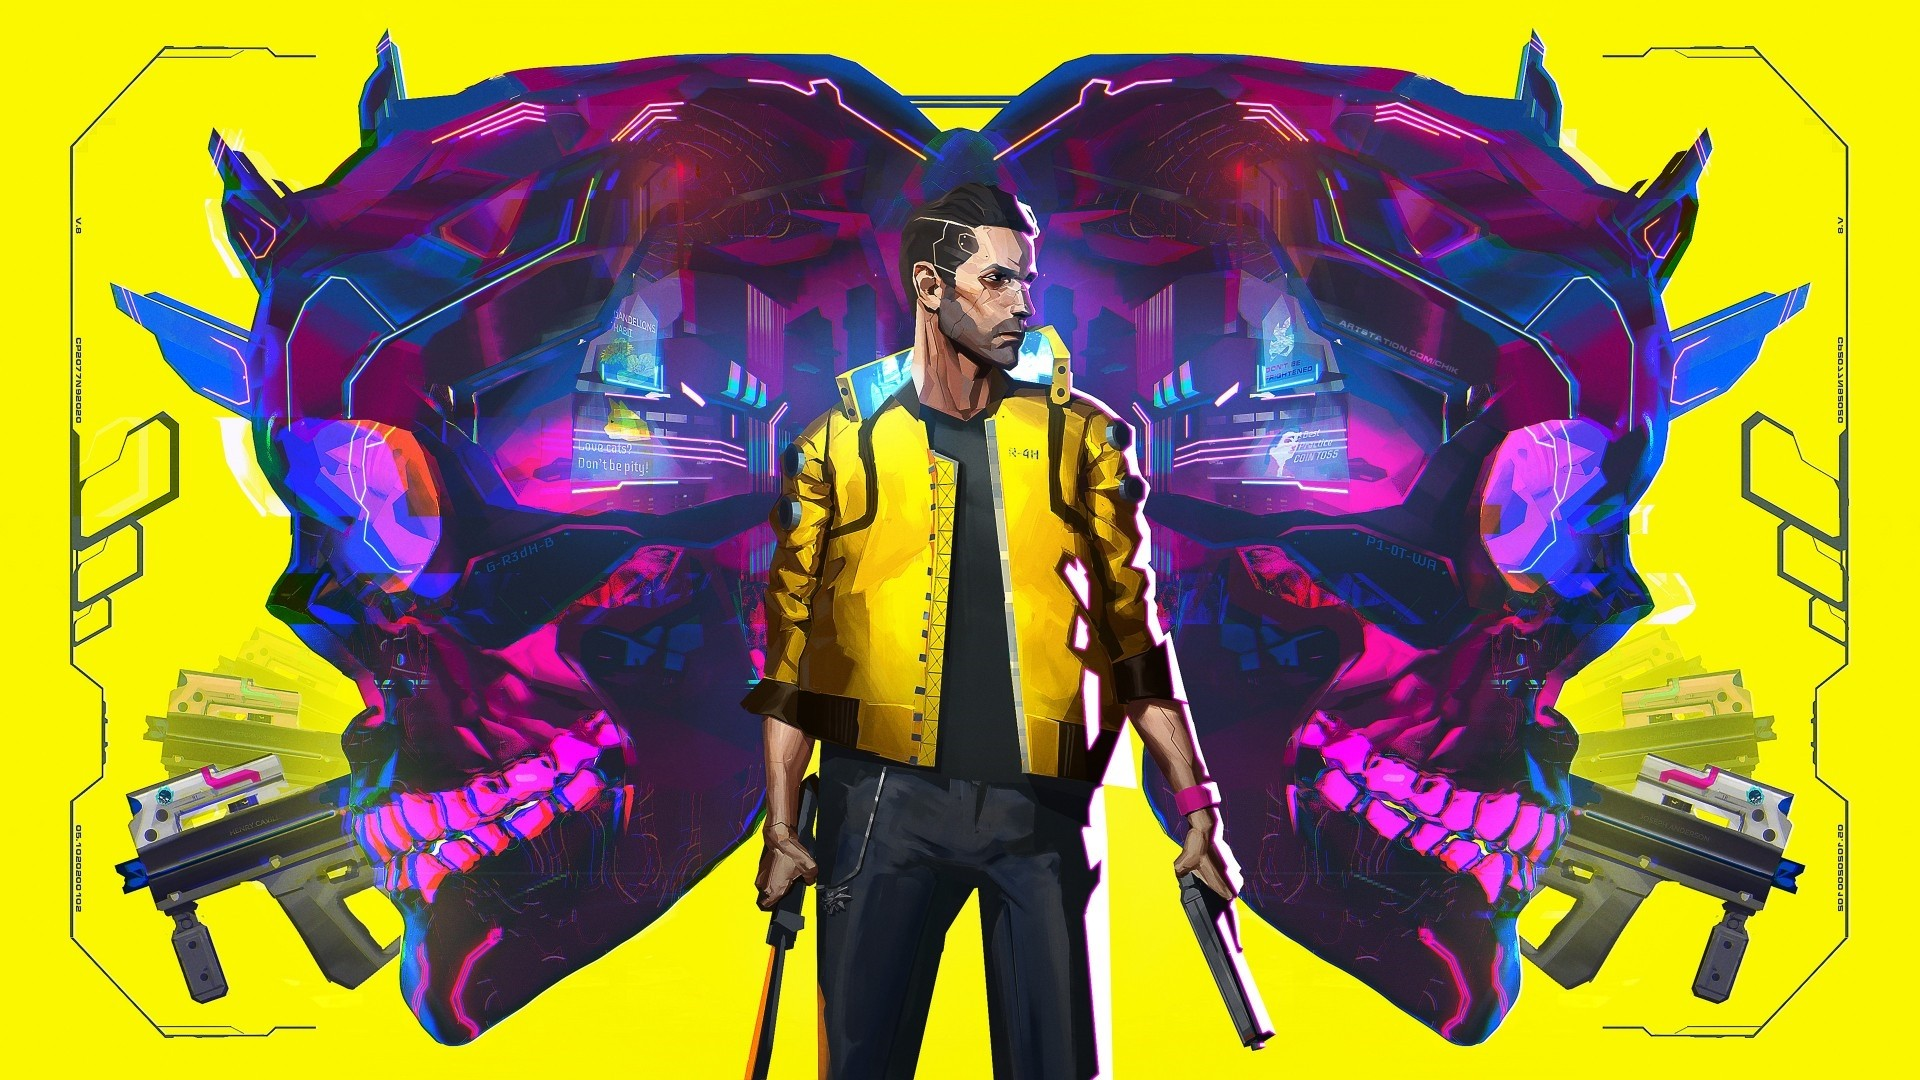 Cyberpunk 2077 Poster computer wallpaper